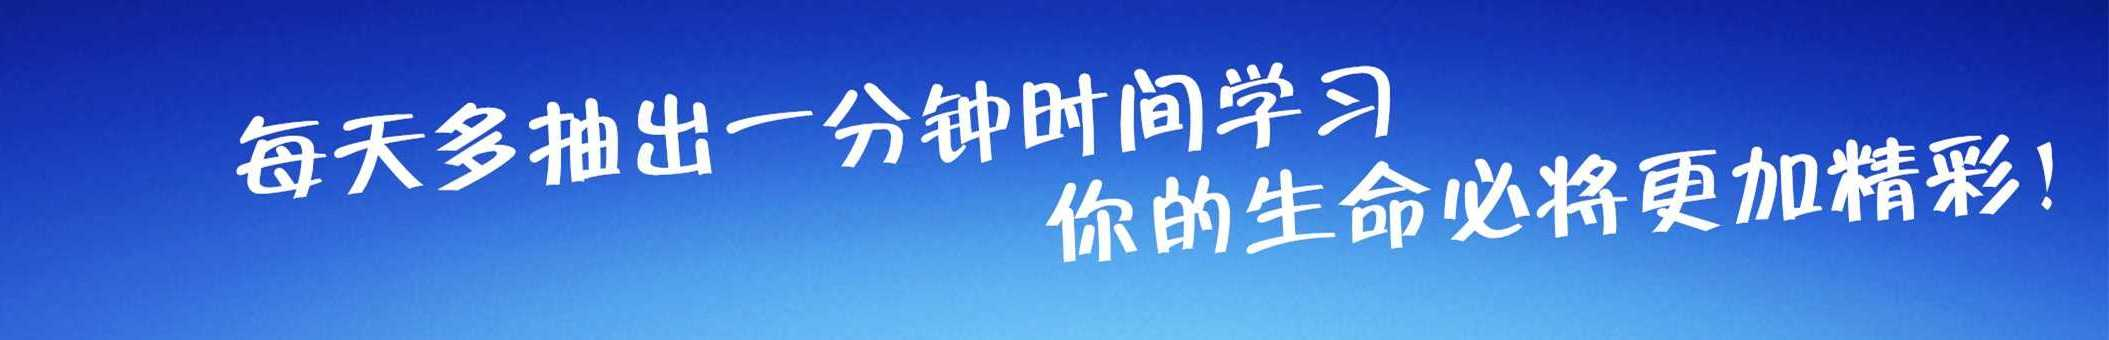 逐梦课堂 banner